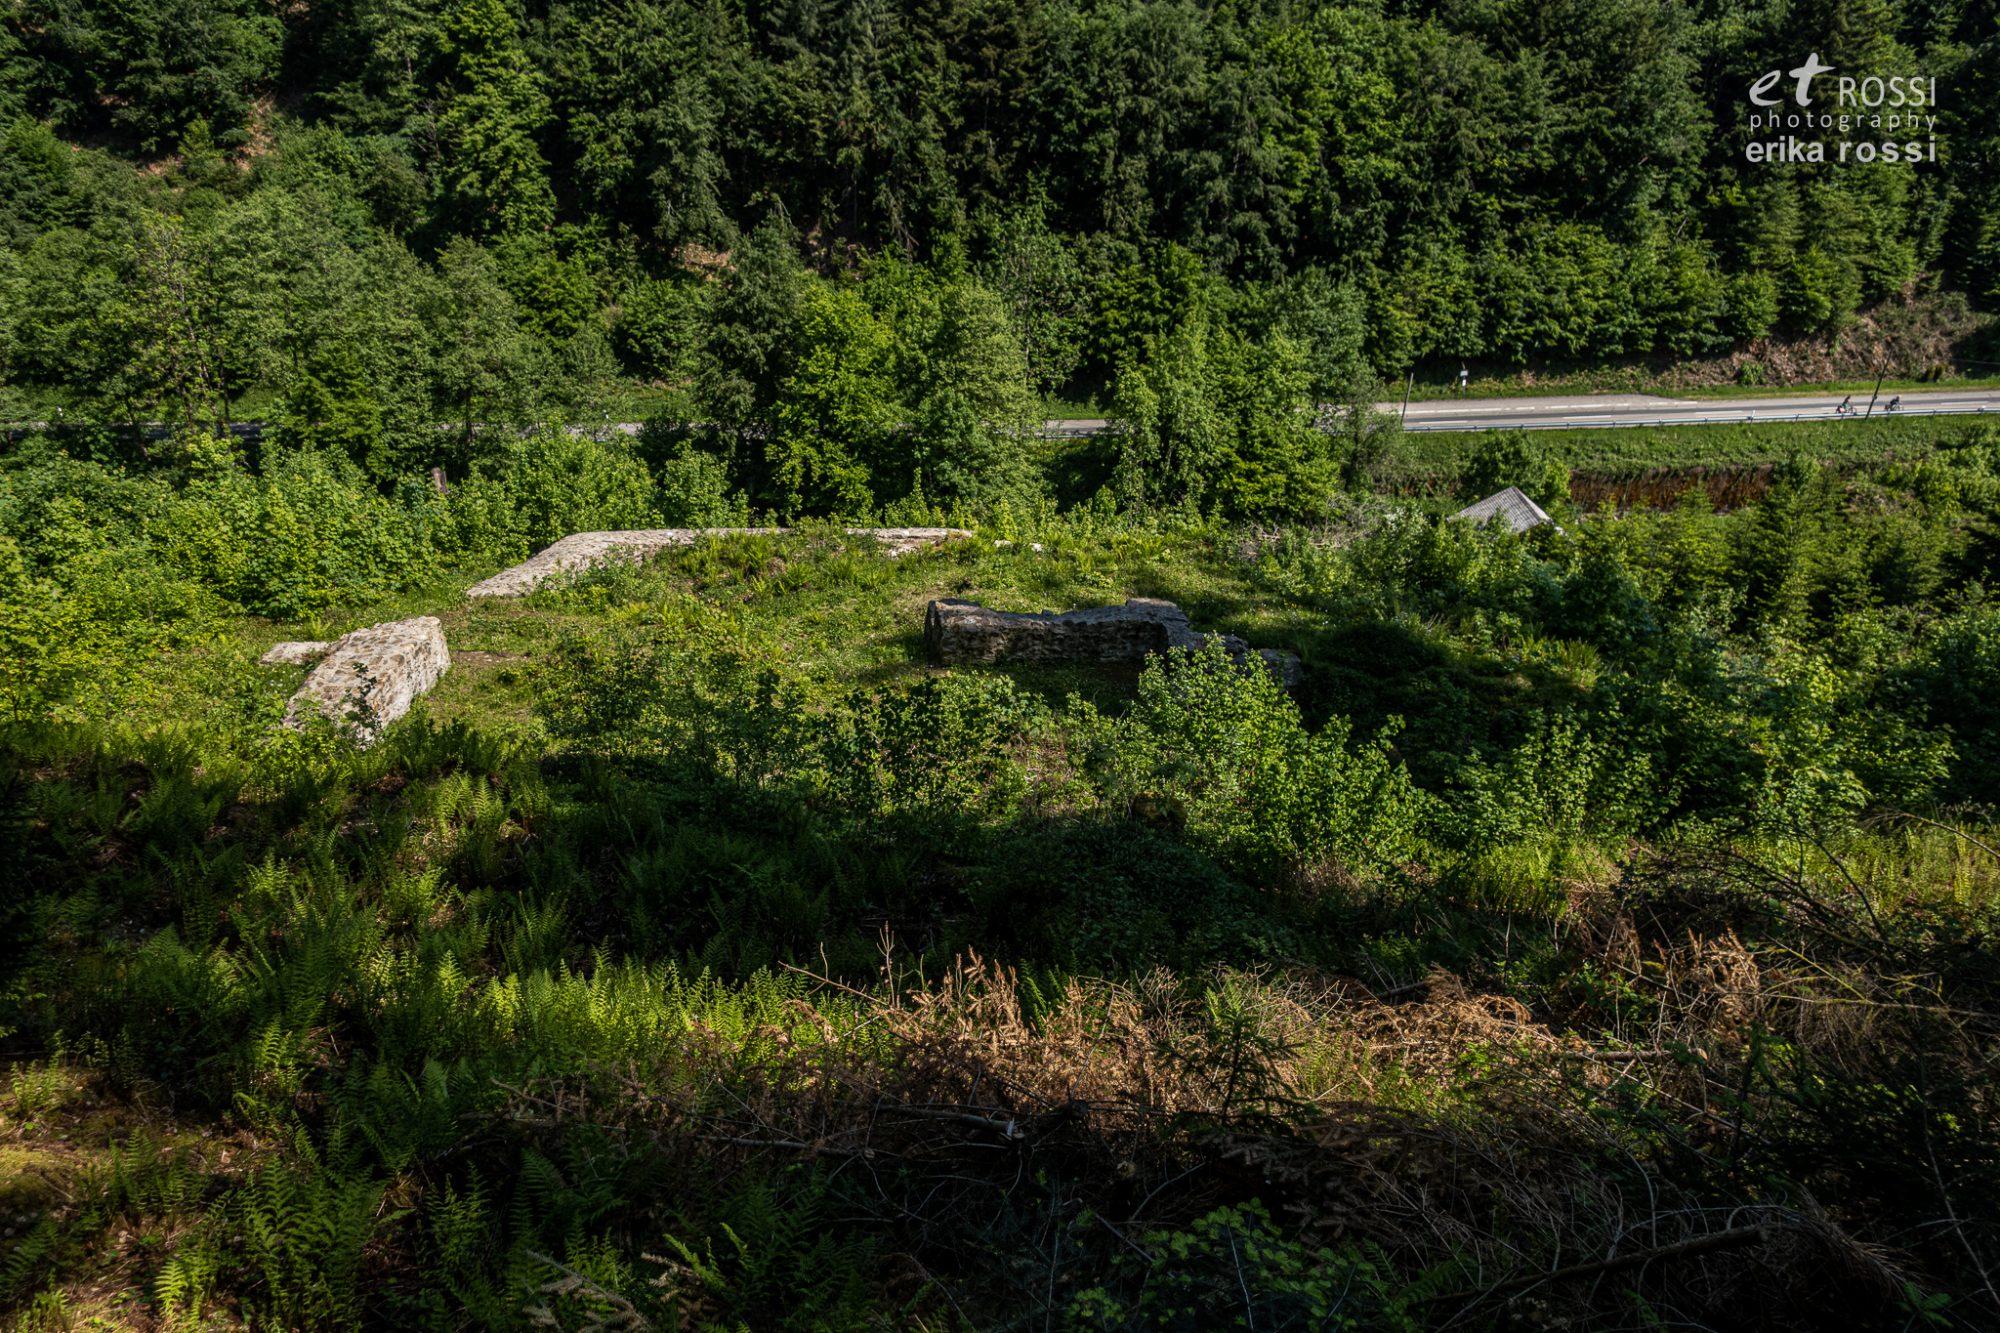 Birchiburg 1 - Birchiburg